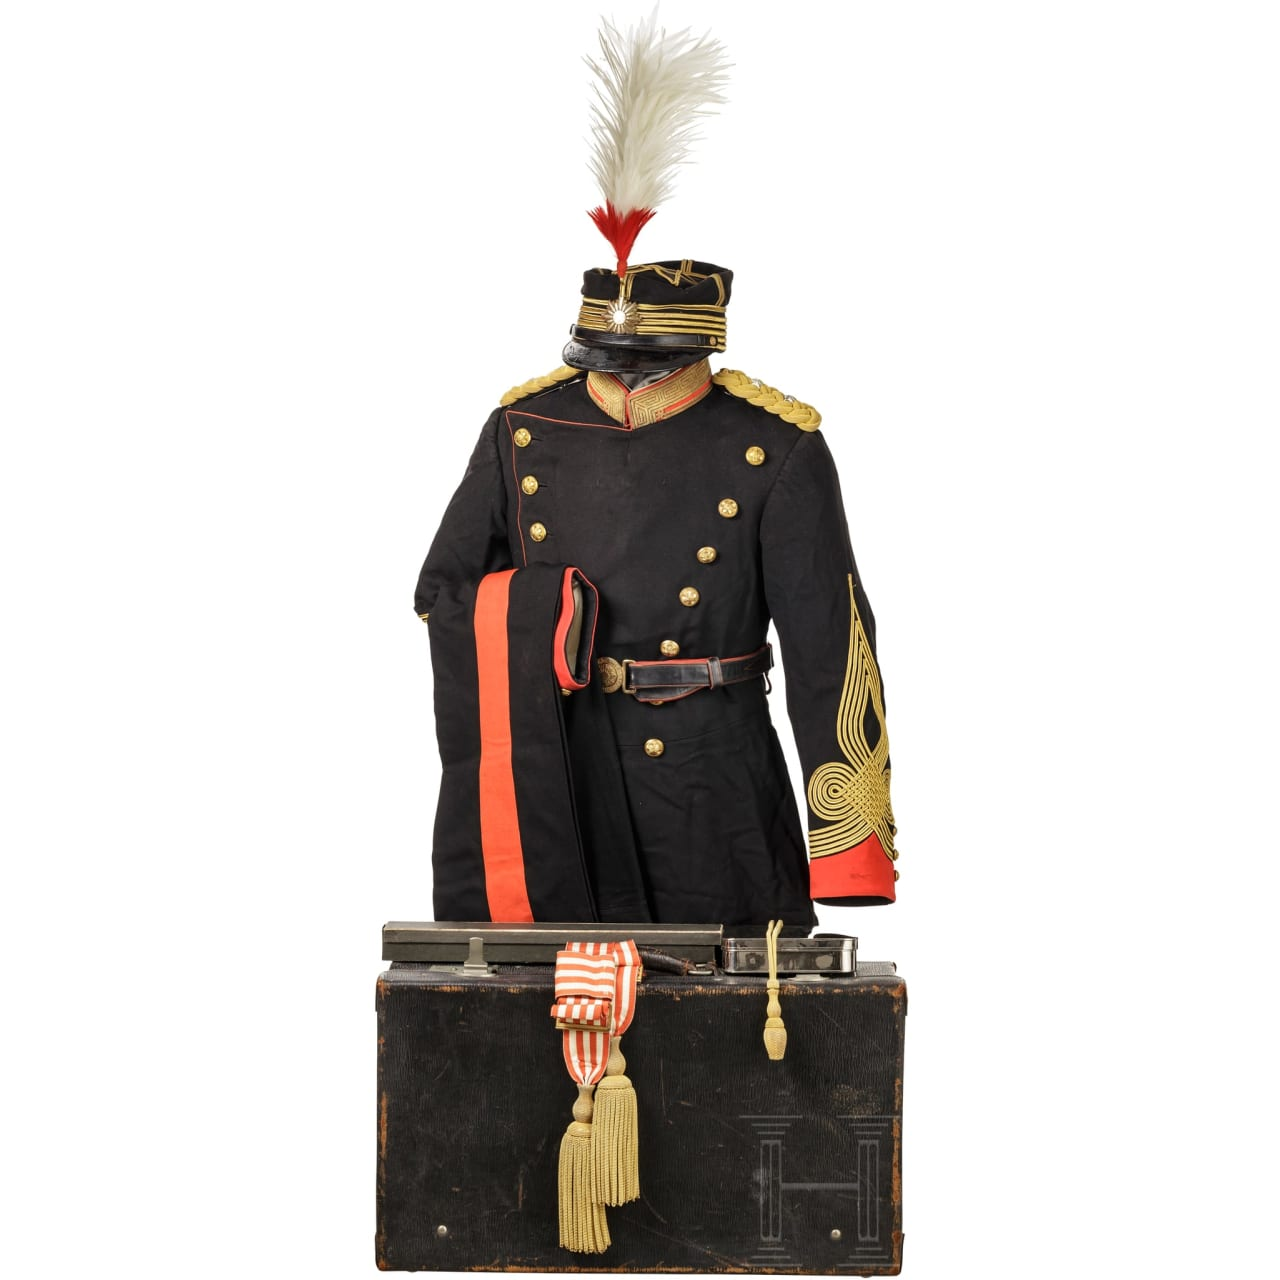 Uniformensemble für Stabsoffiziere der Kaiserlich Japanischen Armee im 2. Weltkrieg